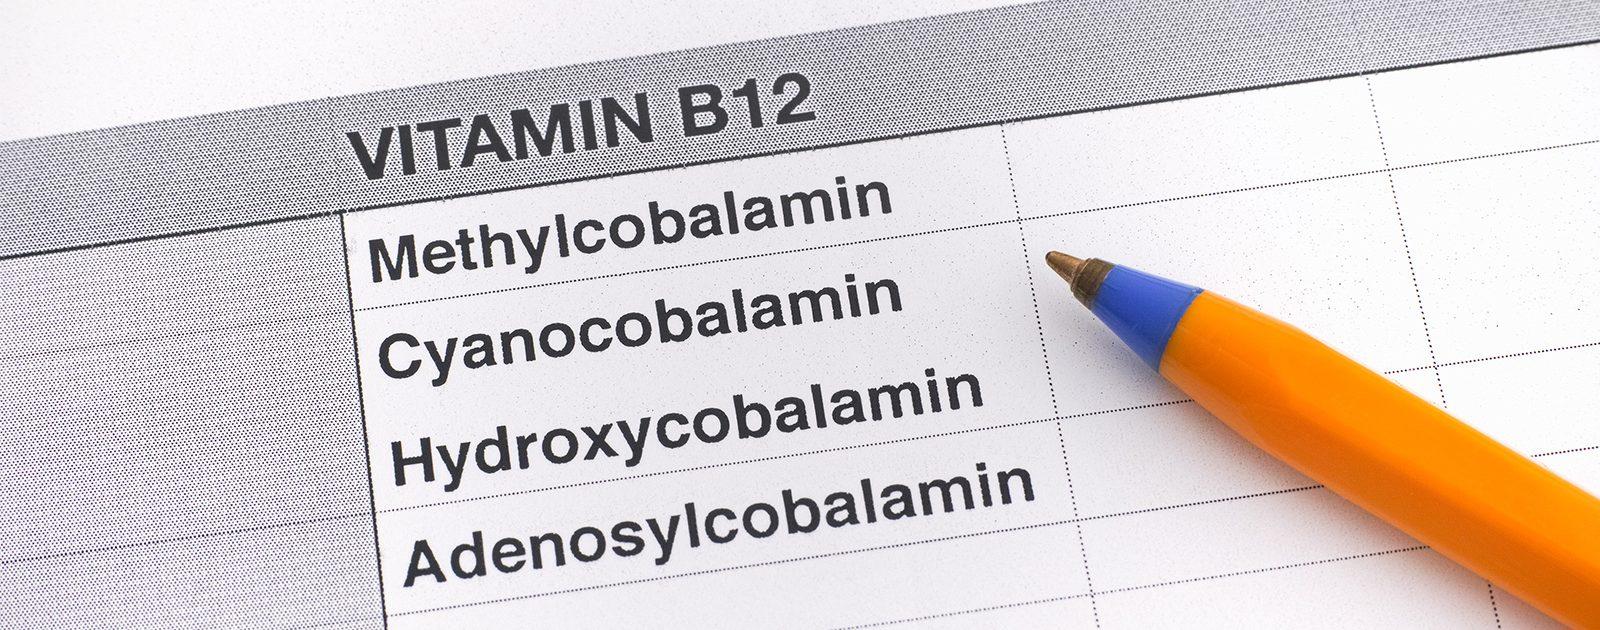 Auflistung unterschiedlicher Formen von Cobalamin